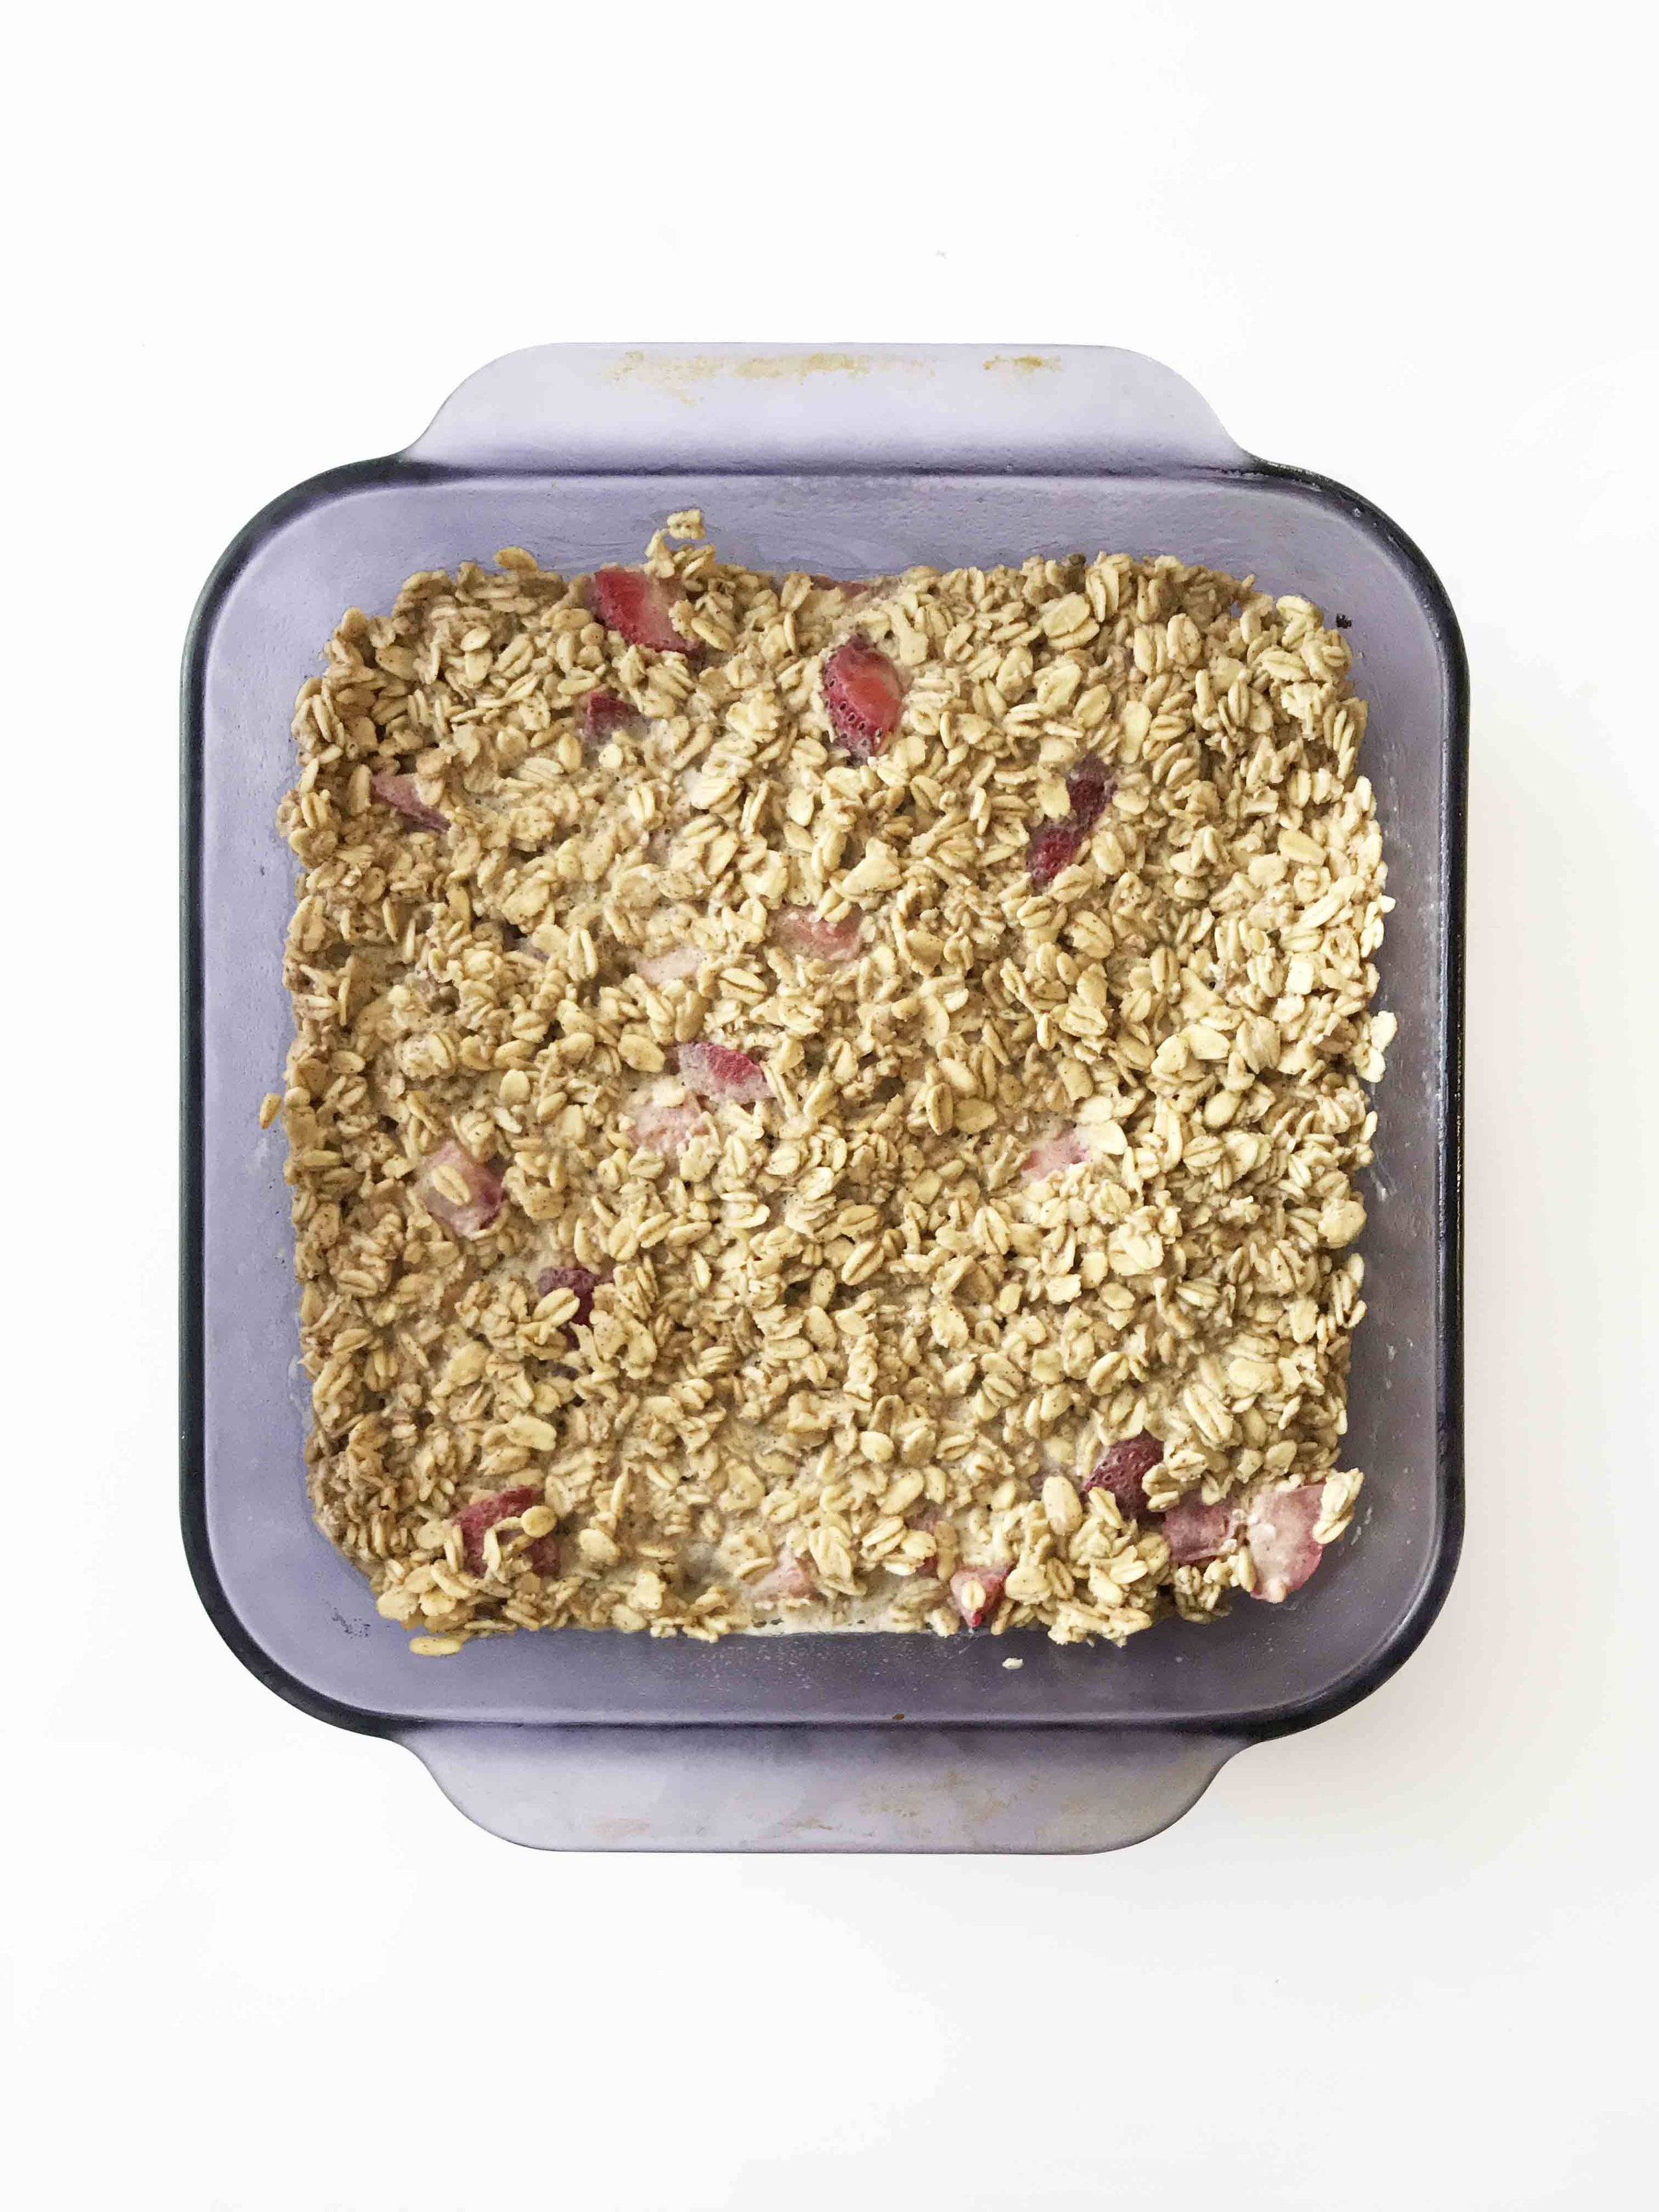 strawberry-oatmeal5.jpg